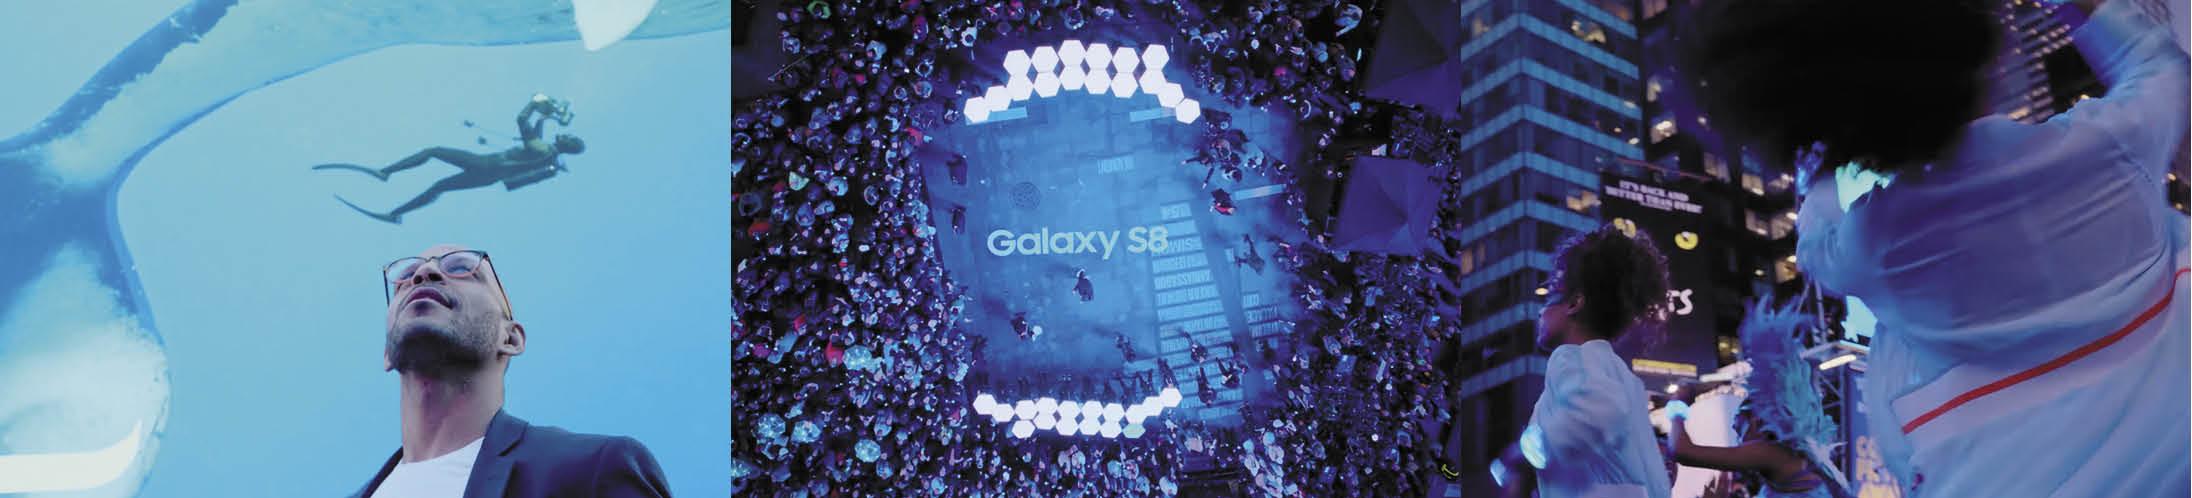 samsung galaxy 8 -